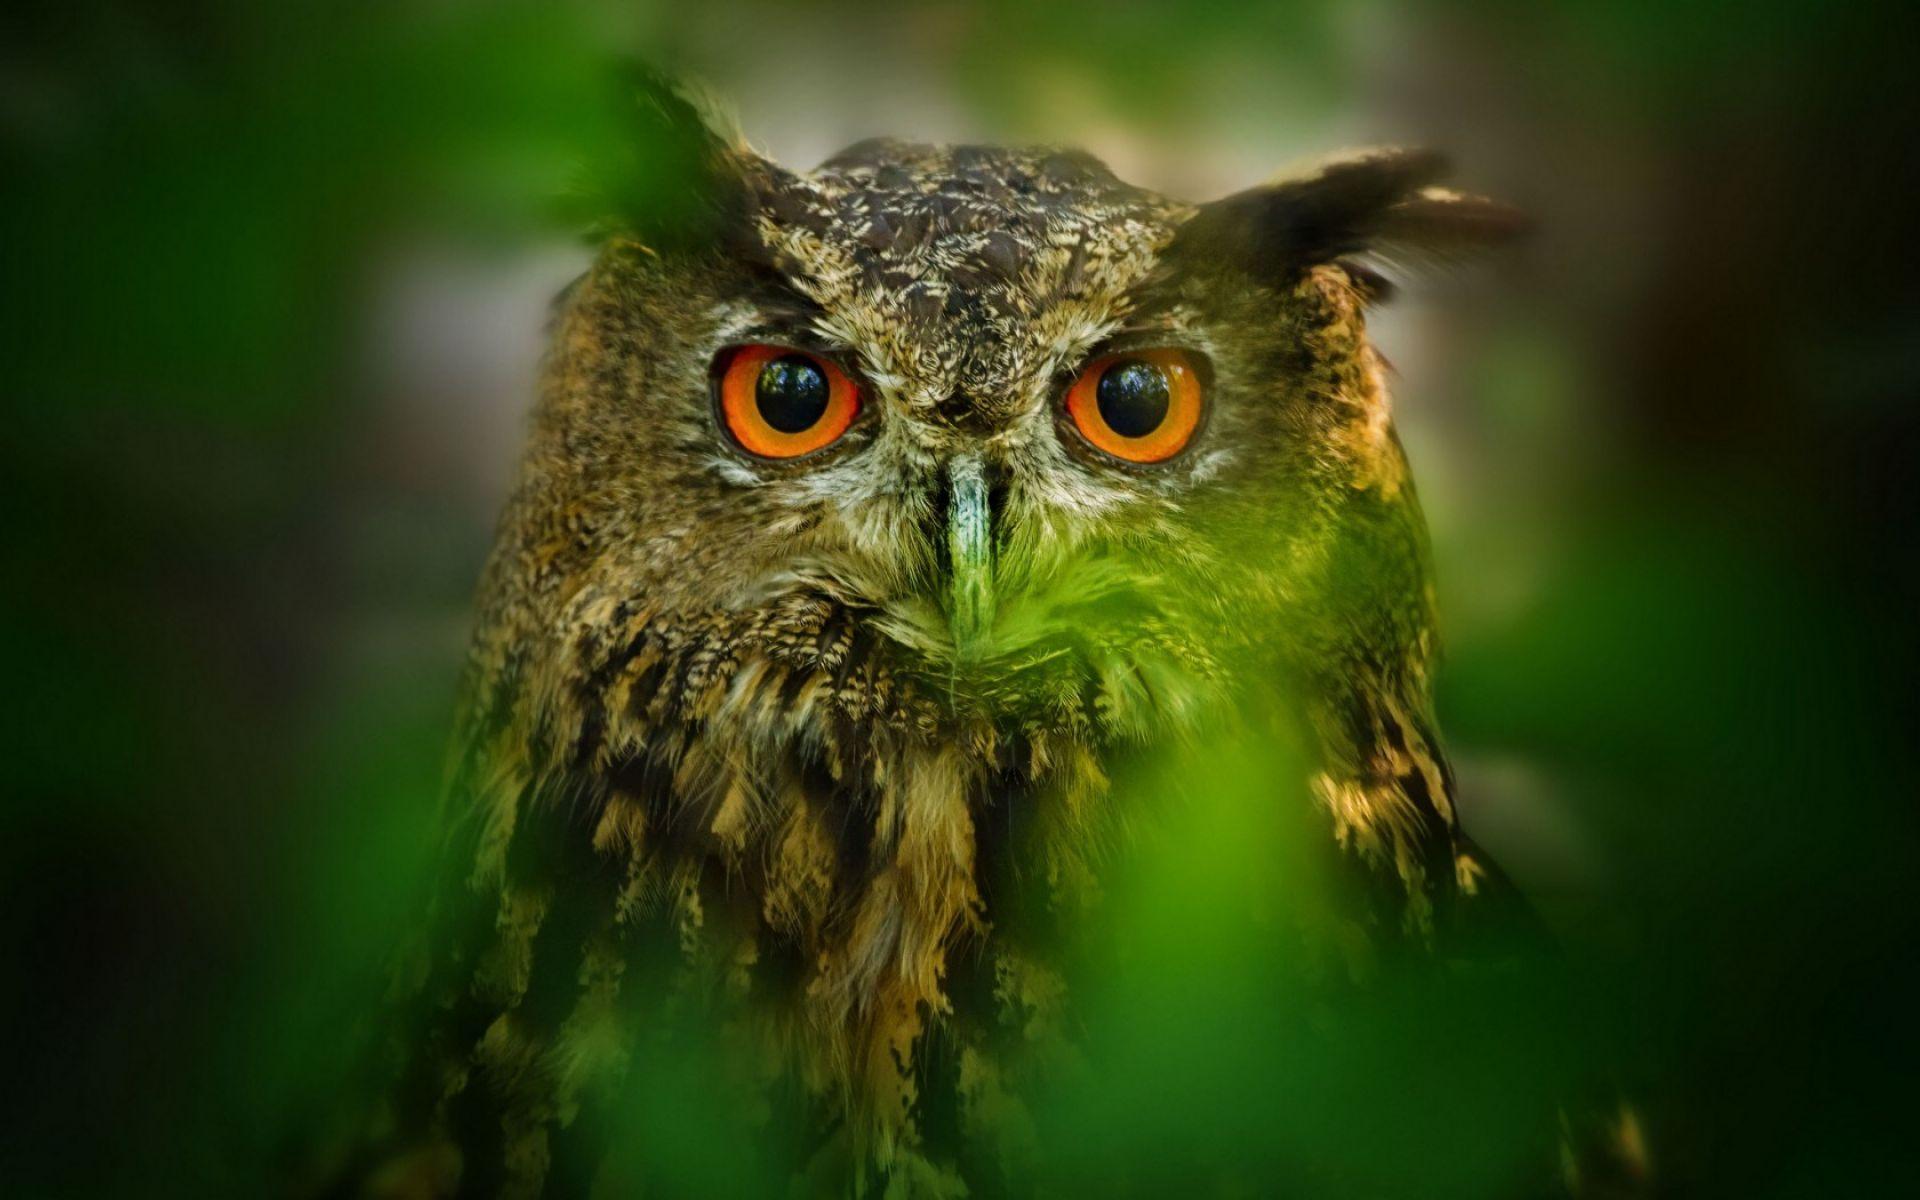 Hình nền chim cú và thiên nhiên